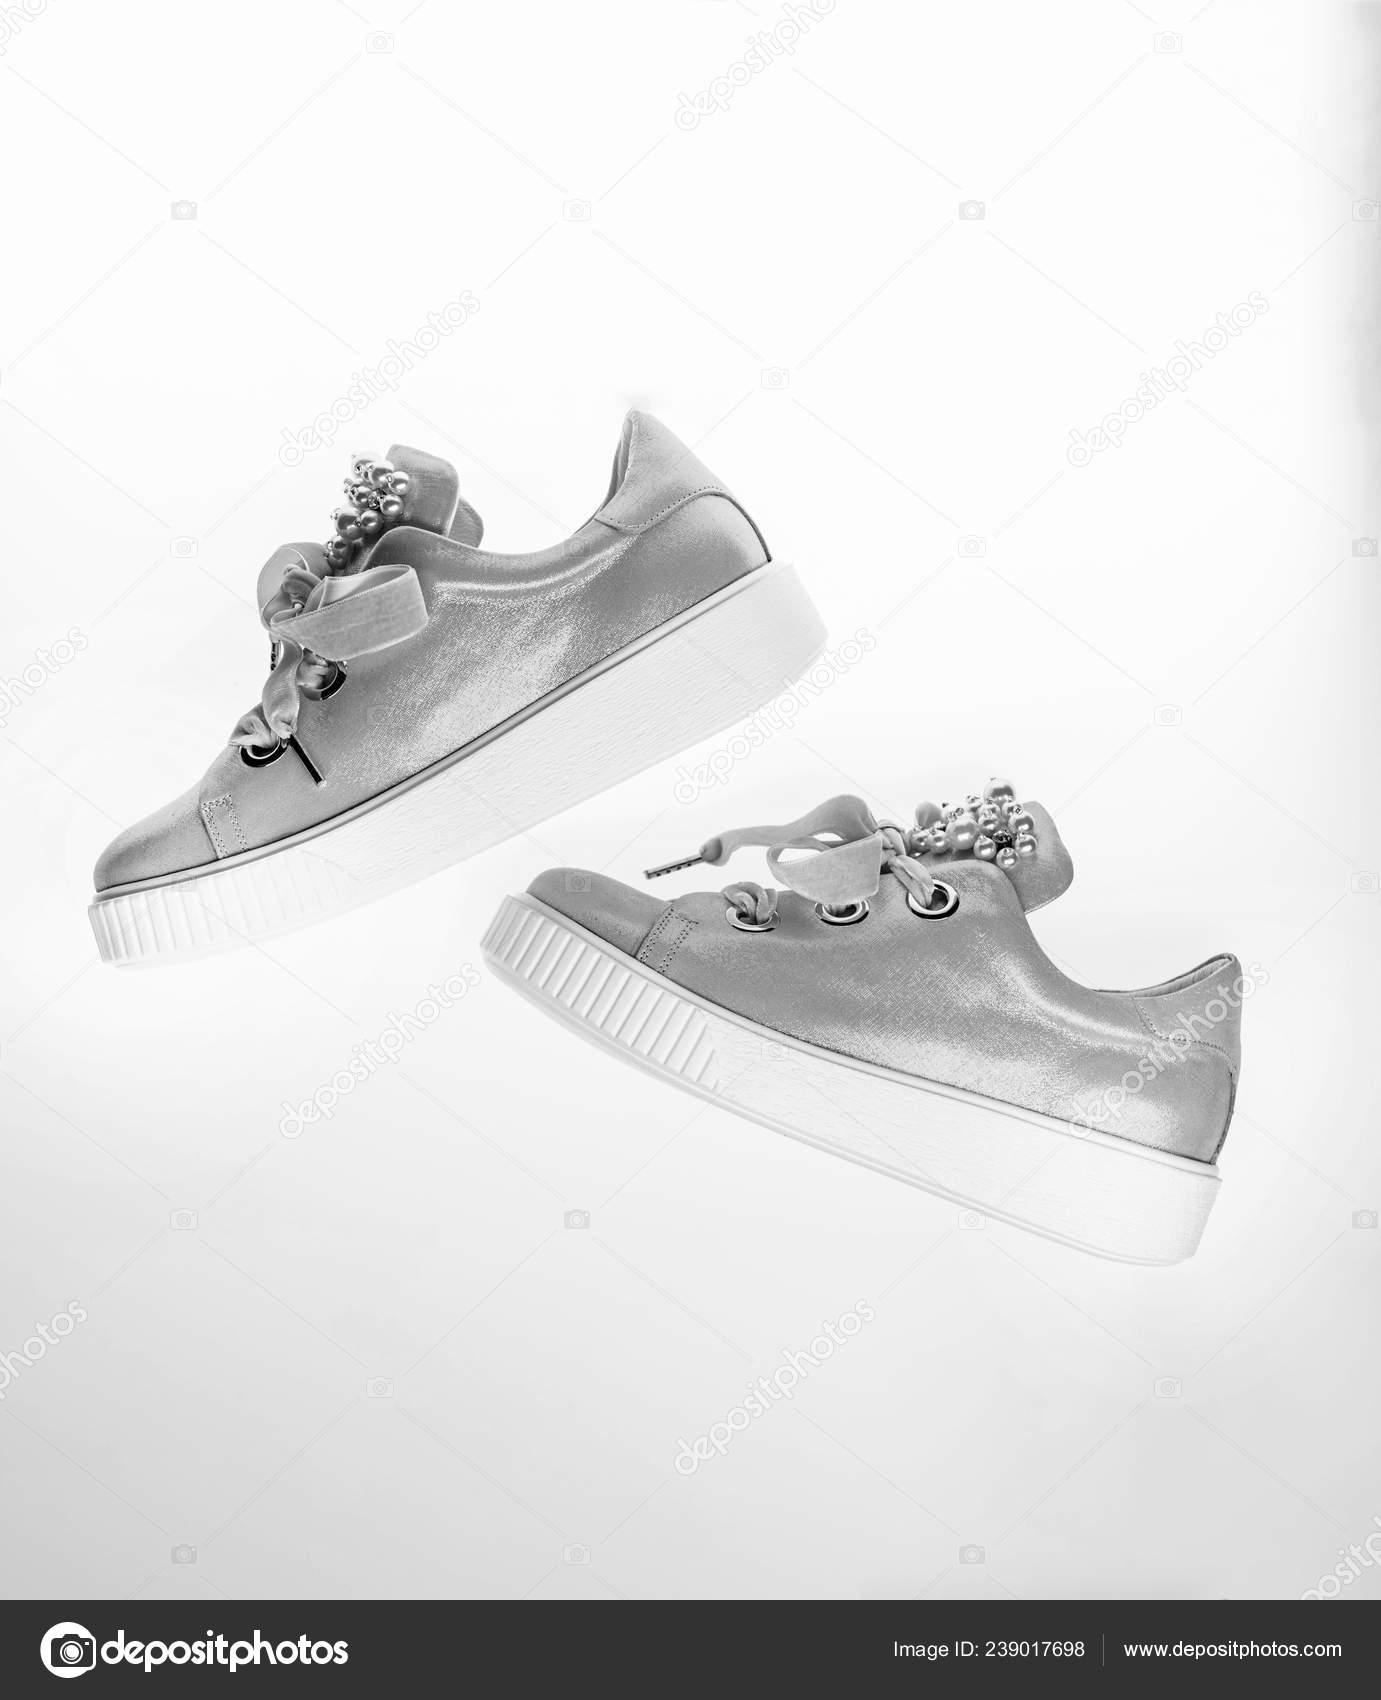 d8c31cc9714607 Schoenen voor meisjes en vrouwen versierd met parel kralen. Trendy  sneakers-concept. Leuke